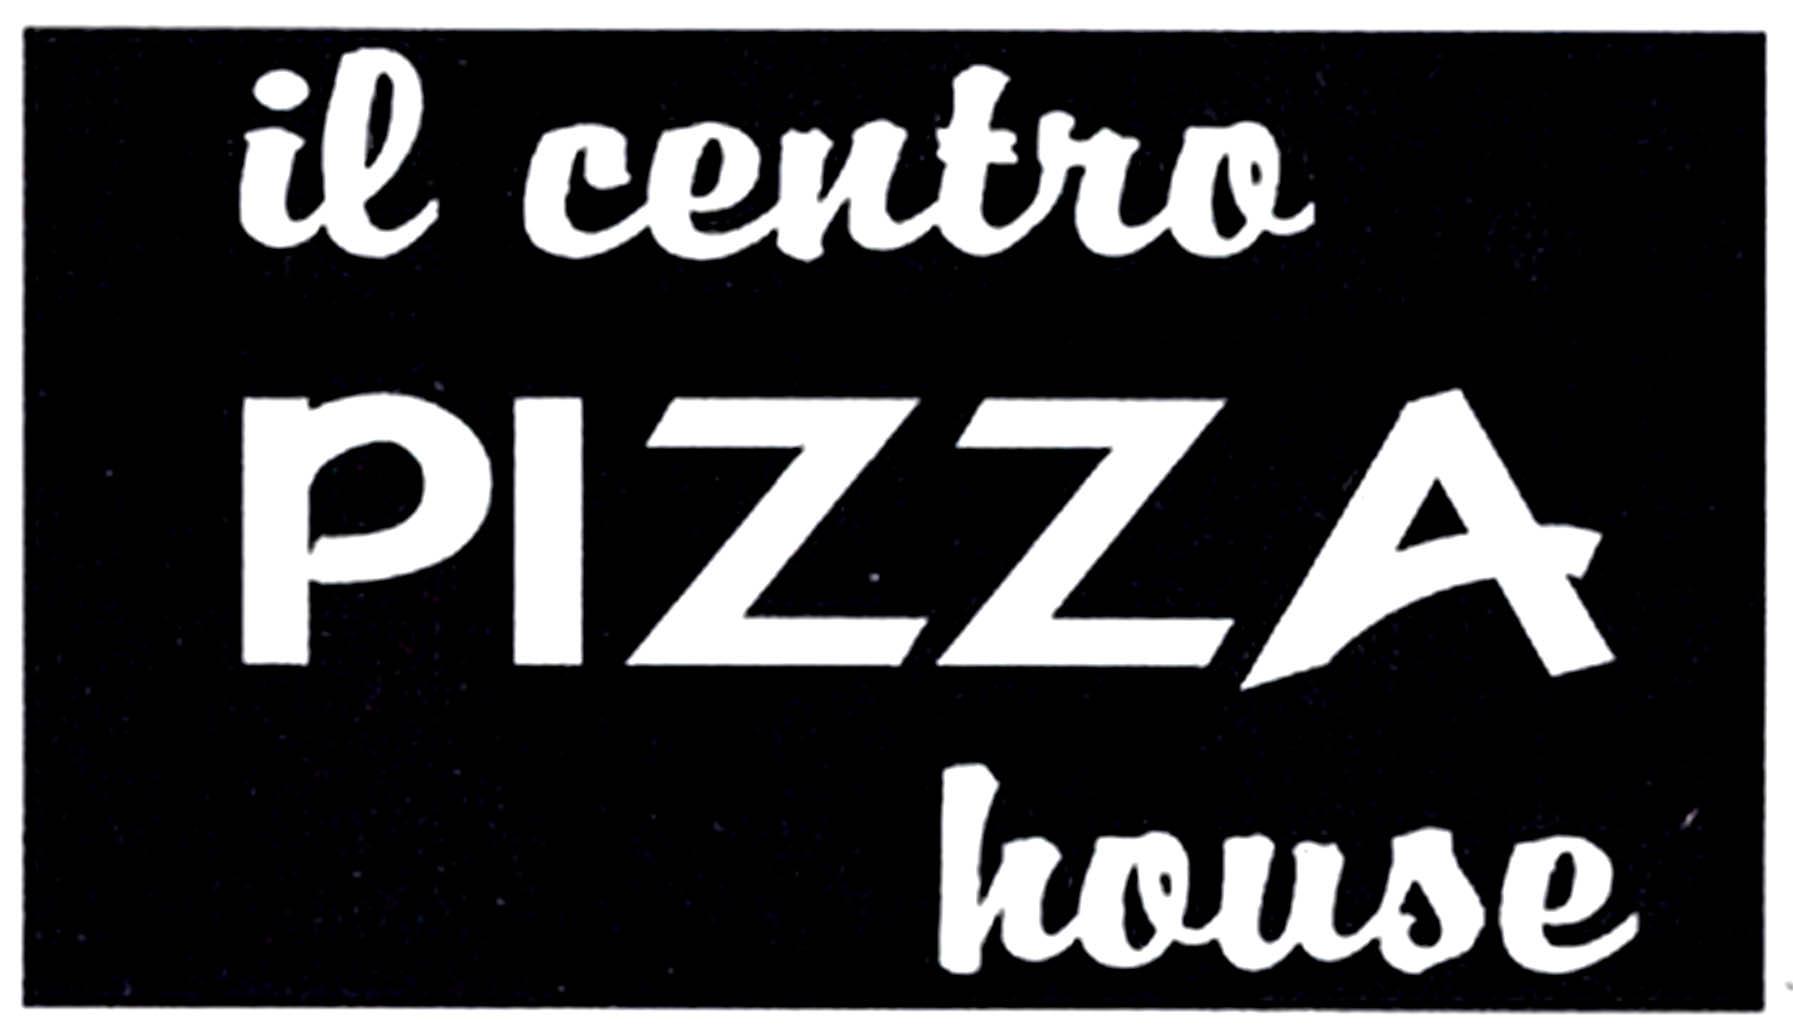 il centro logo